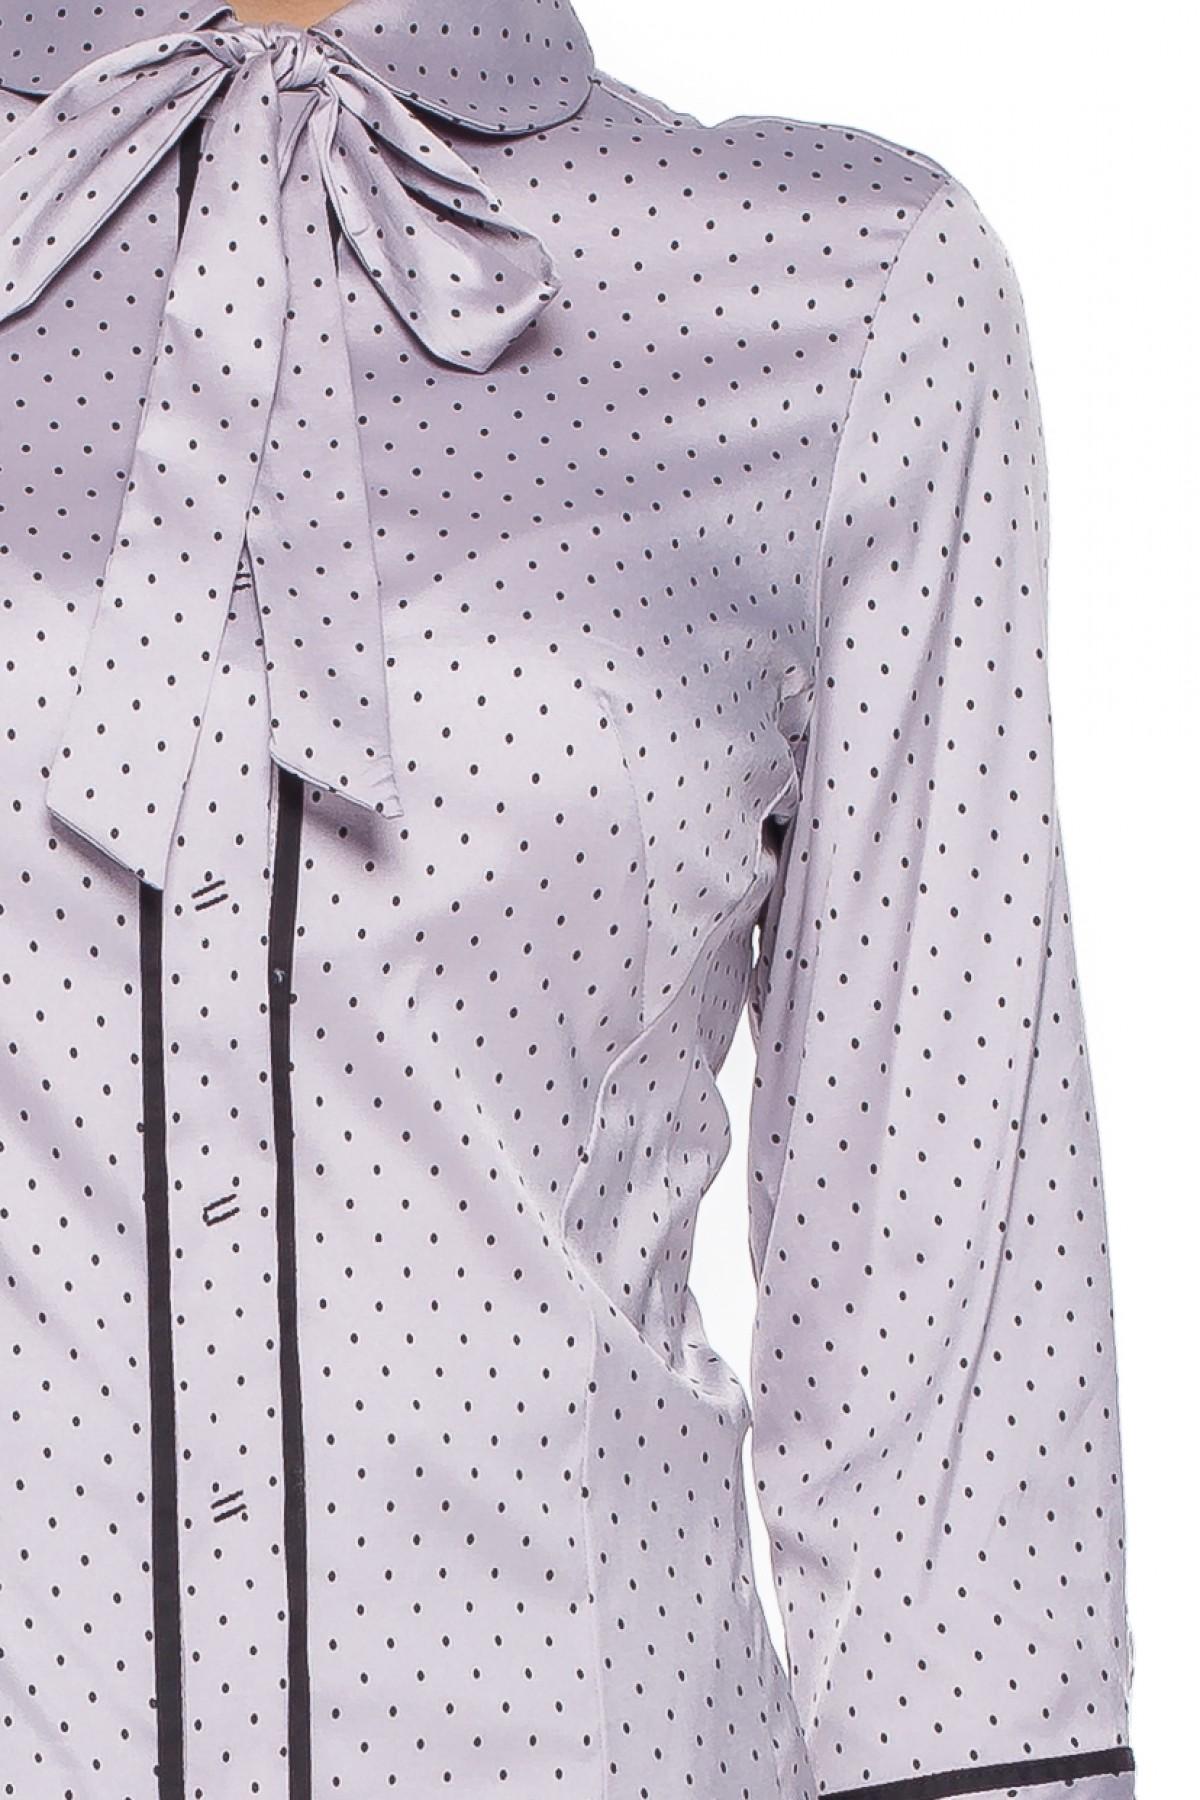 Koszula w kropki z wiązaną kokardą – Duet Woman | Sorbette blog  8th8p